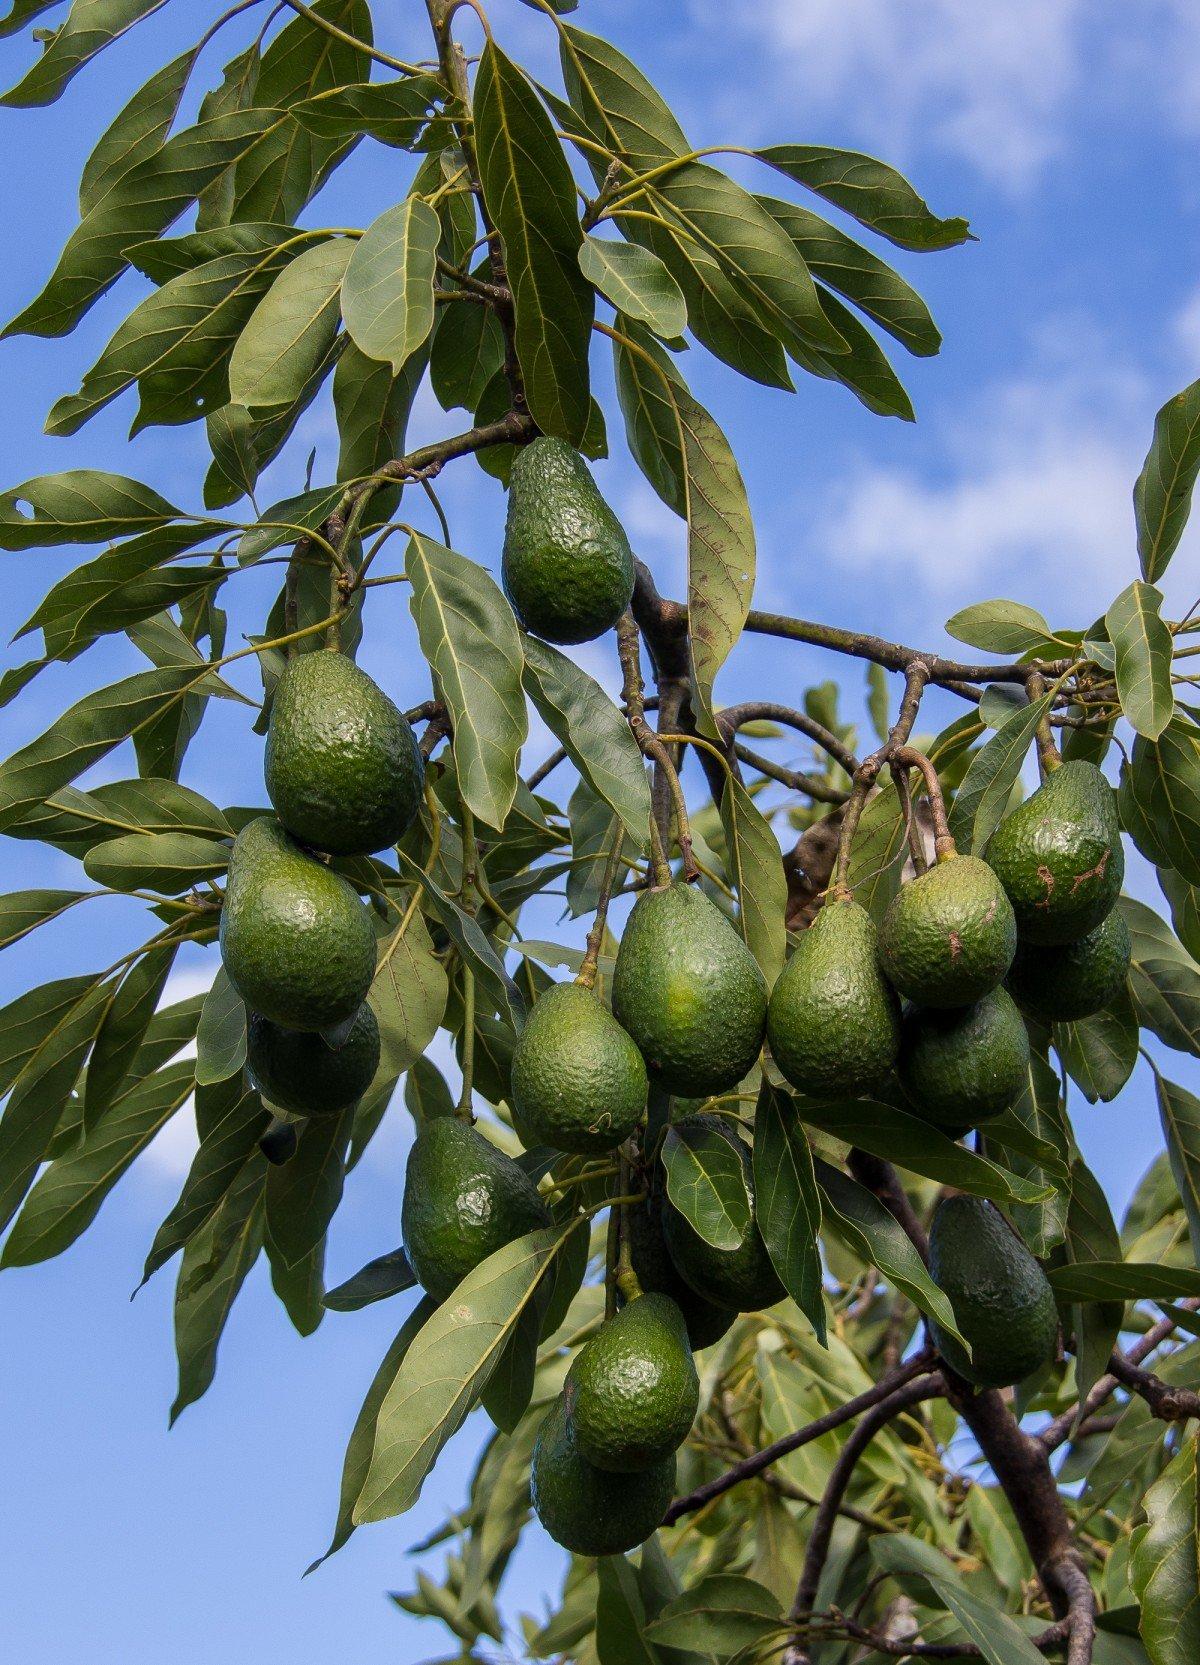 этом на чем растут авокадо в картинках конечно очень